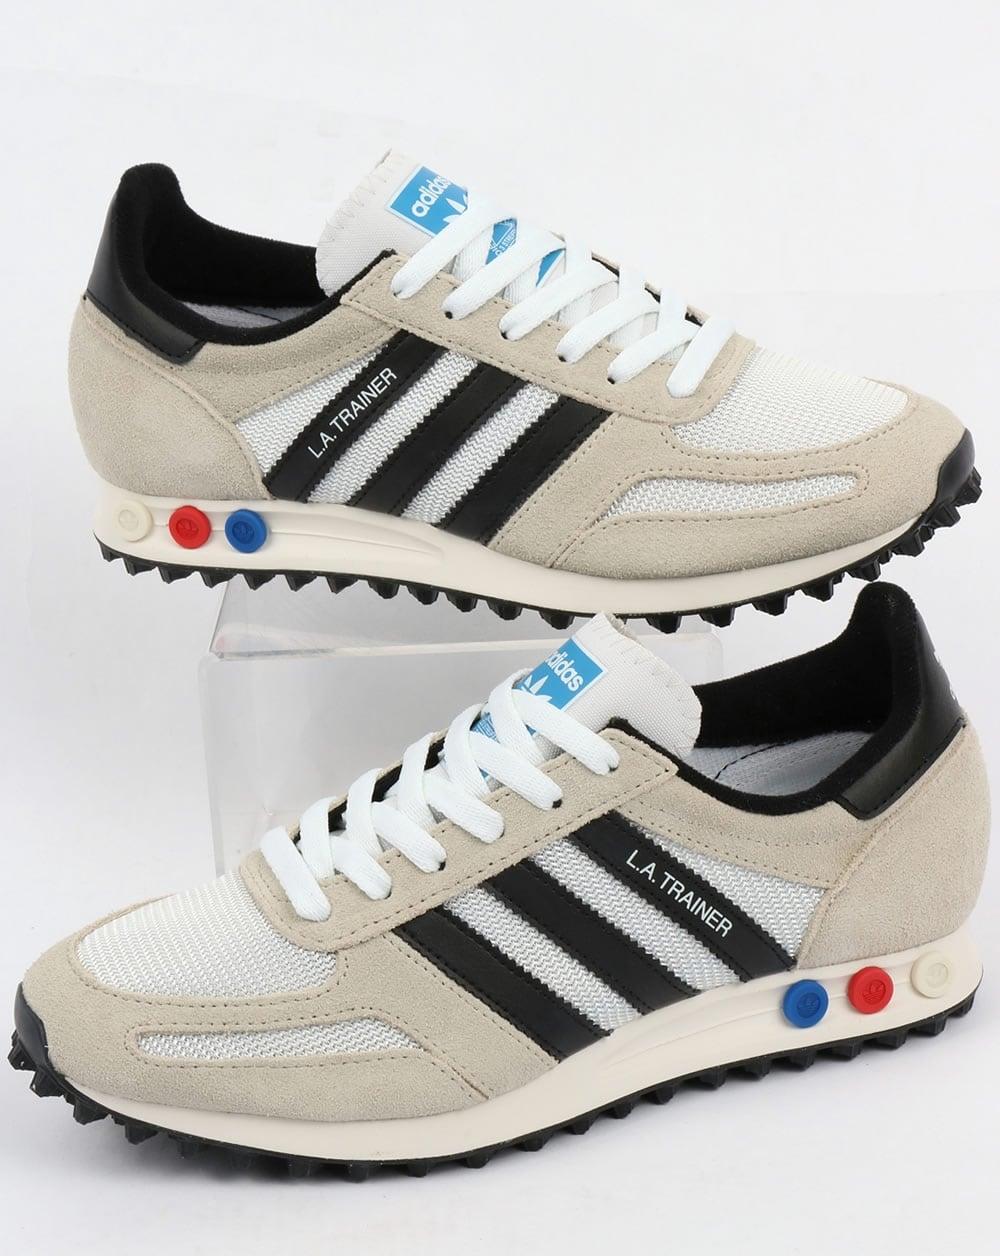 adidas la trainer og vintage white black original runner shoes mens. Black Bedroom Furniture Sets. Home Design Ideas